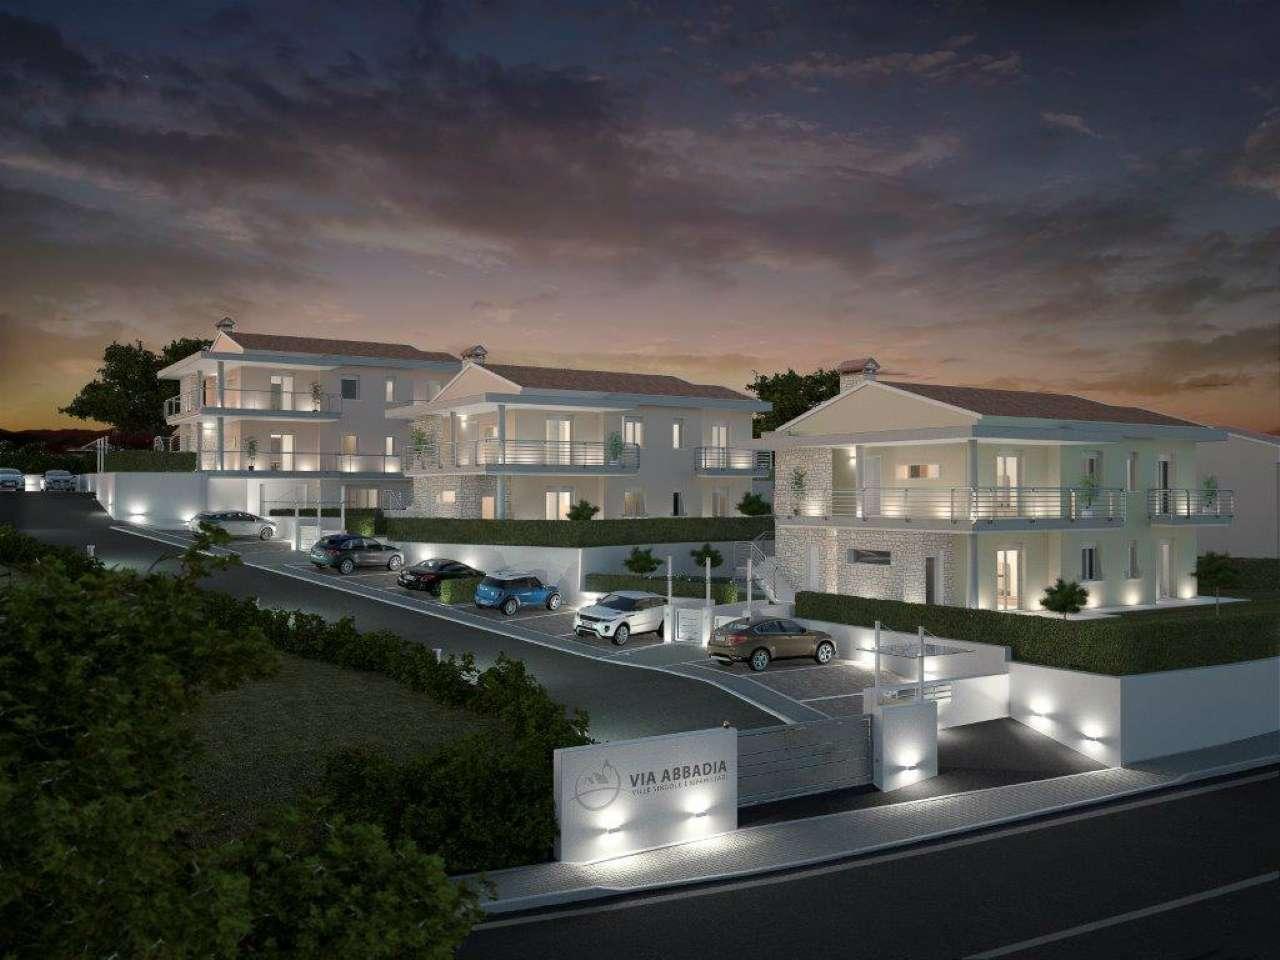 Appartamento in vendita a Osimo, 4 locali, Trattative riservate | CambioCasa.it